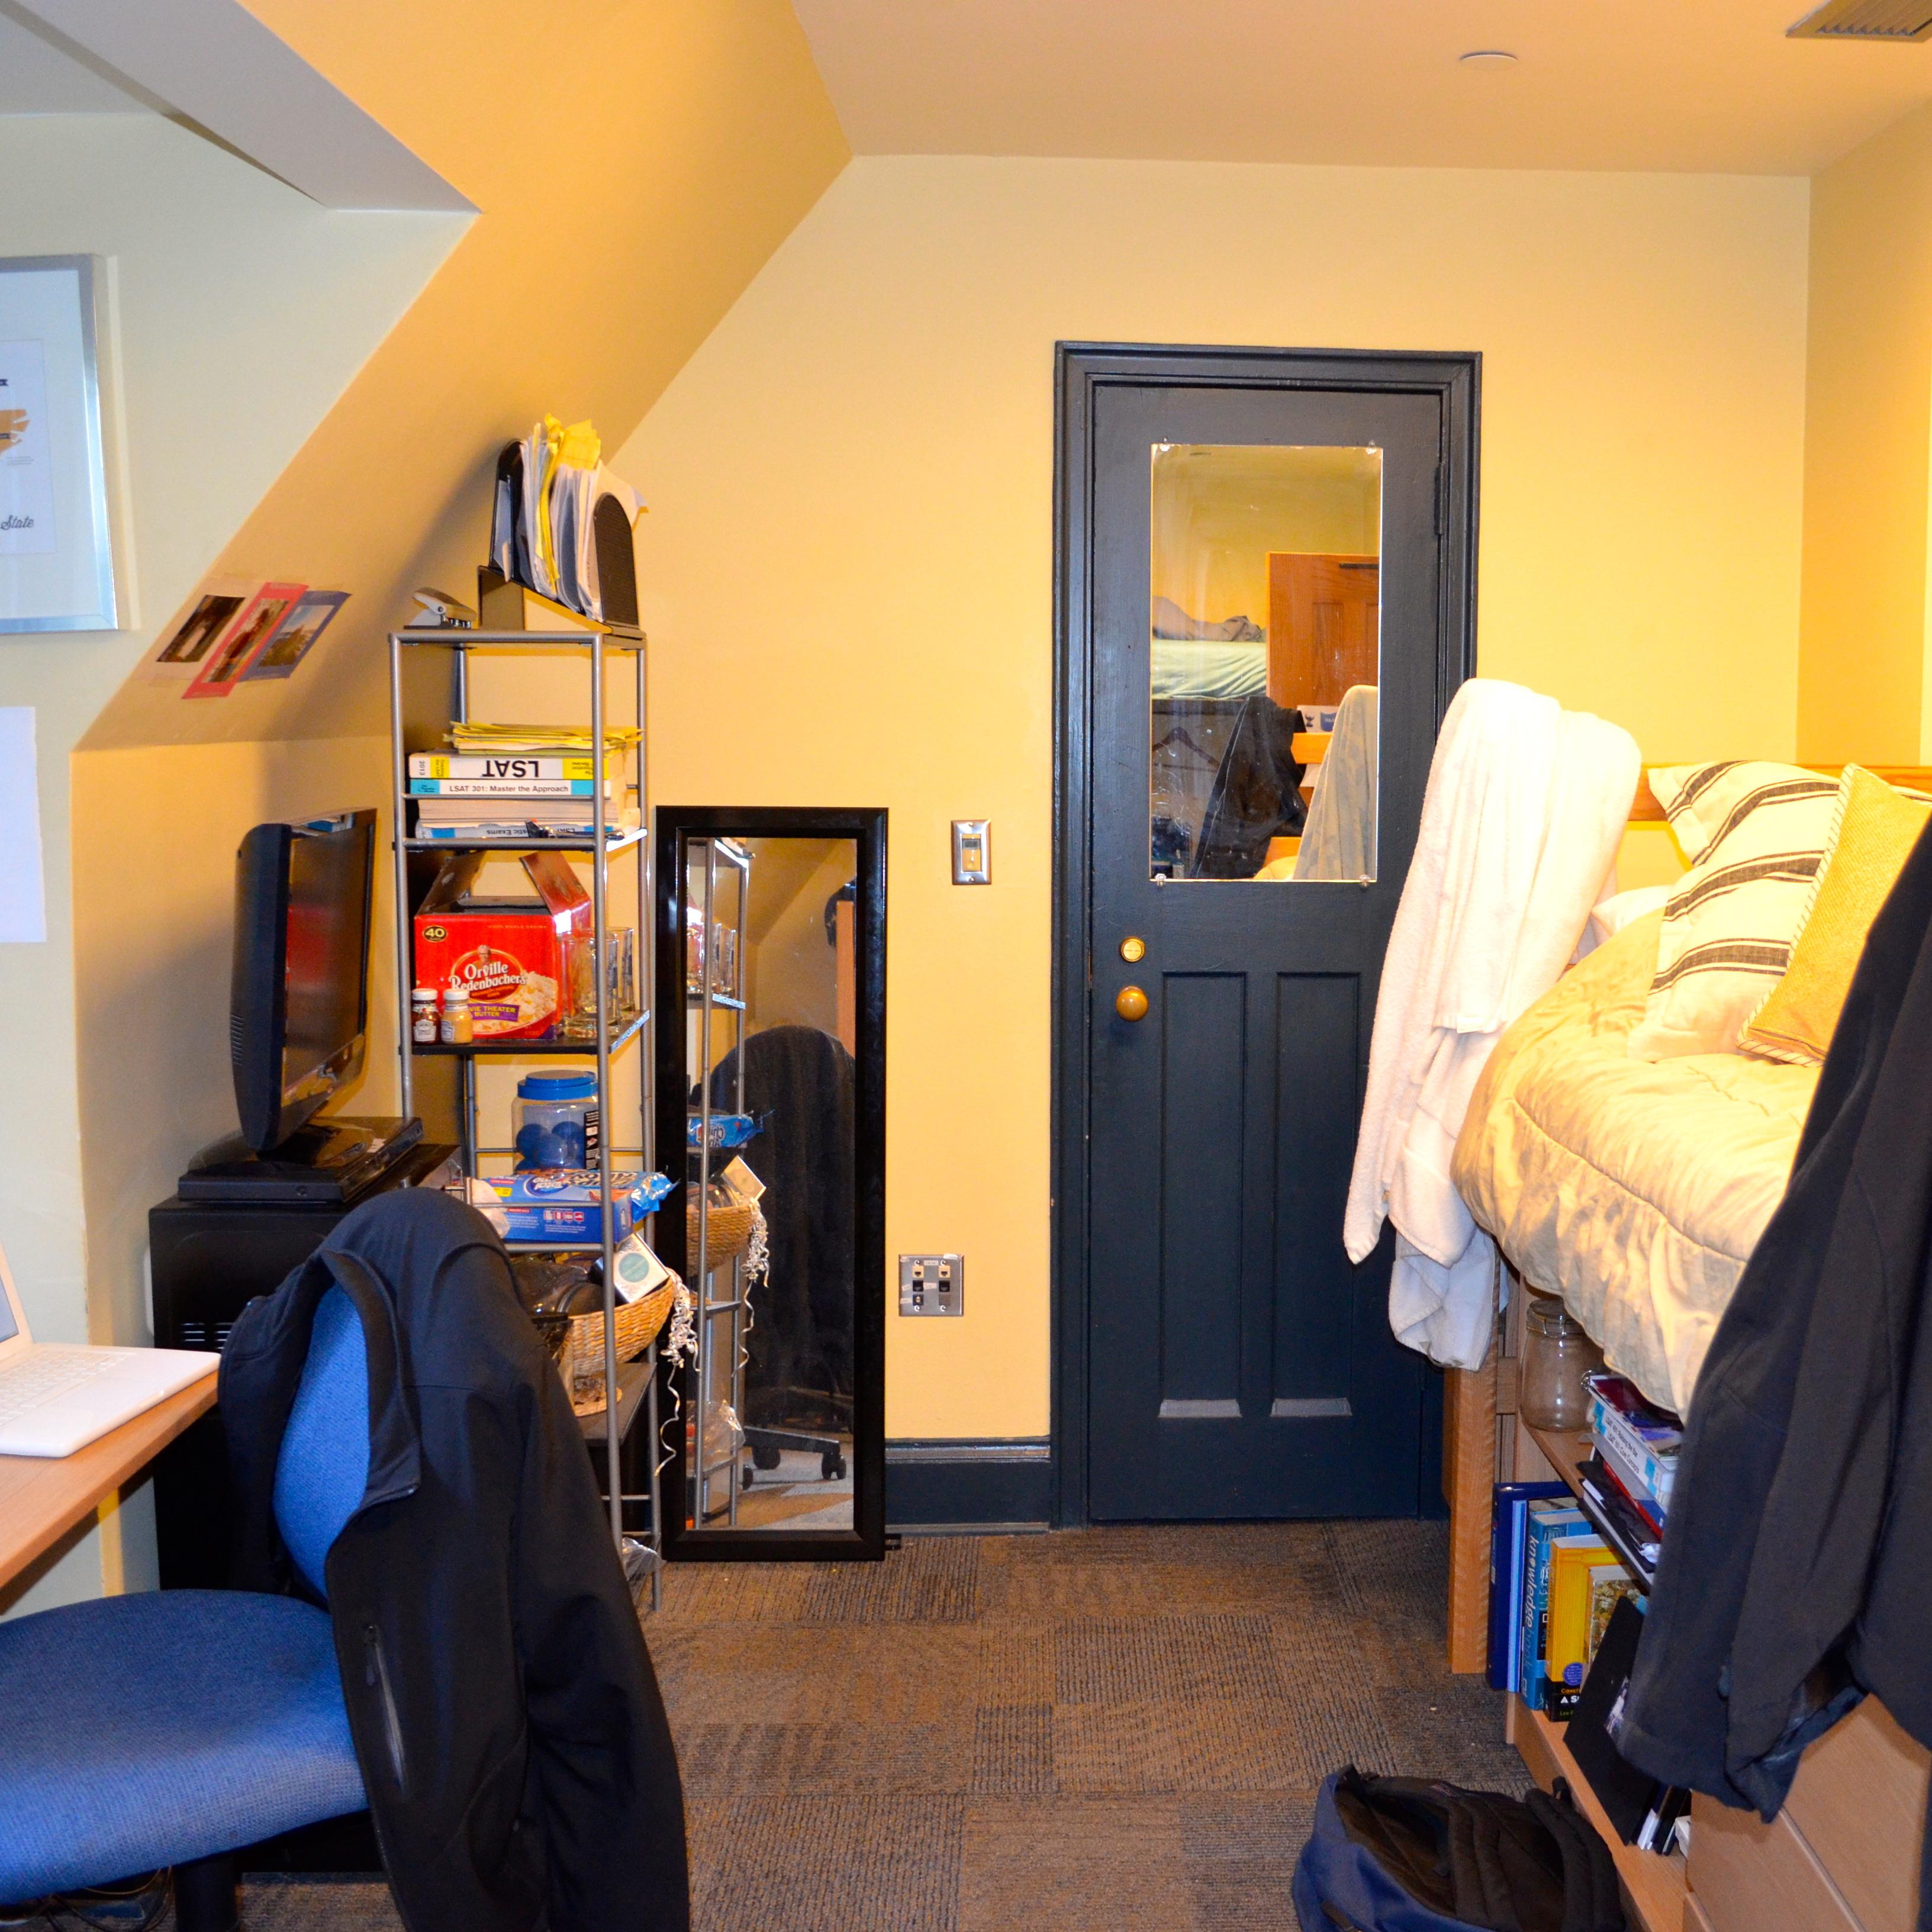 Exceptional ... Duke University Dorm Room. How To Become A Cameron Crazie |  Www.AfterOrangeCounty.com Part 8